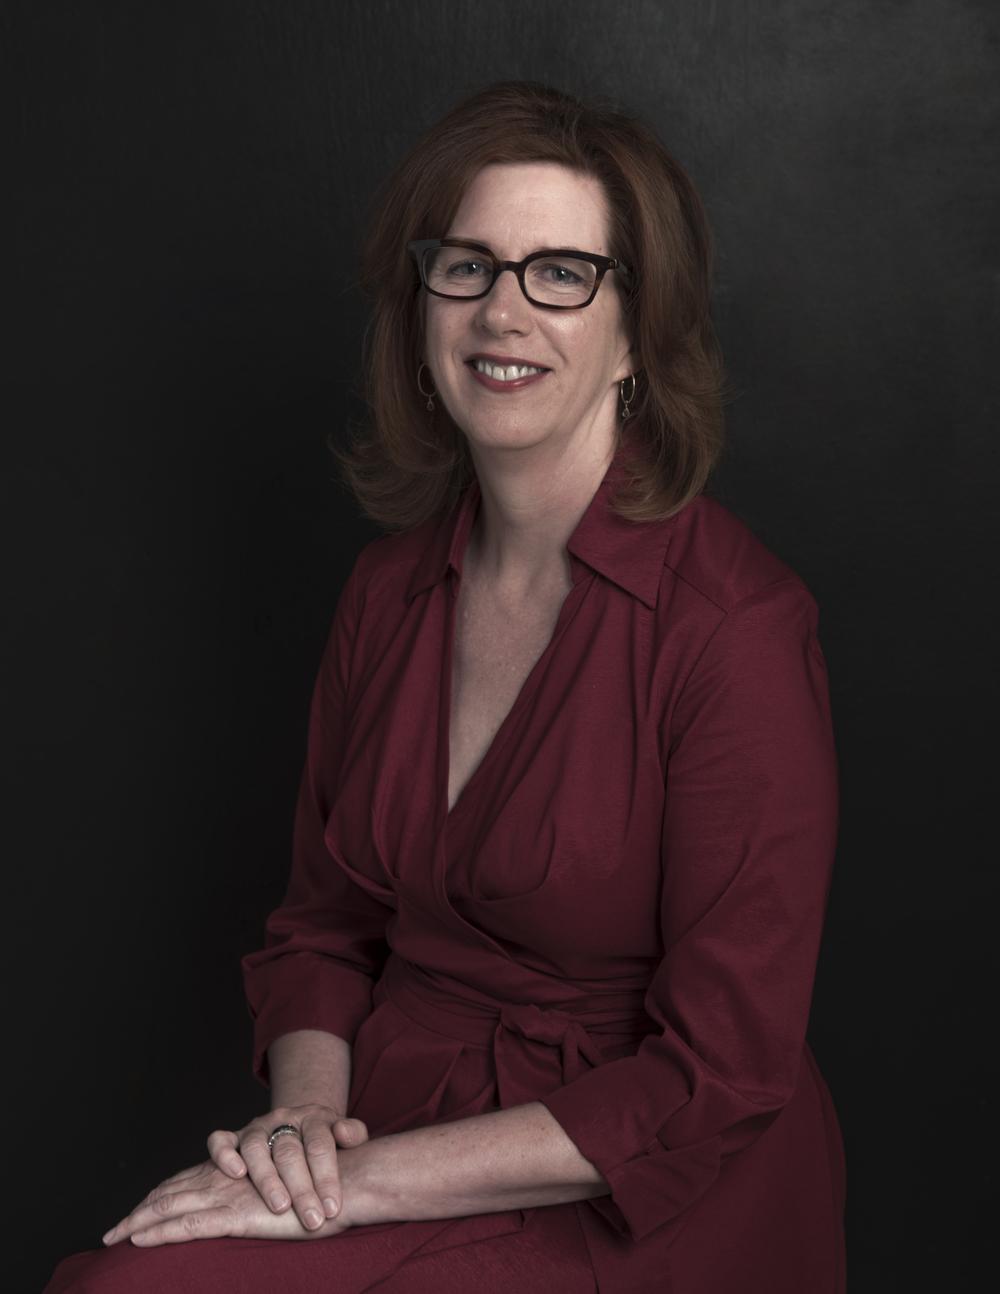 Susan Lakin